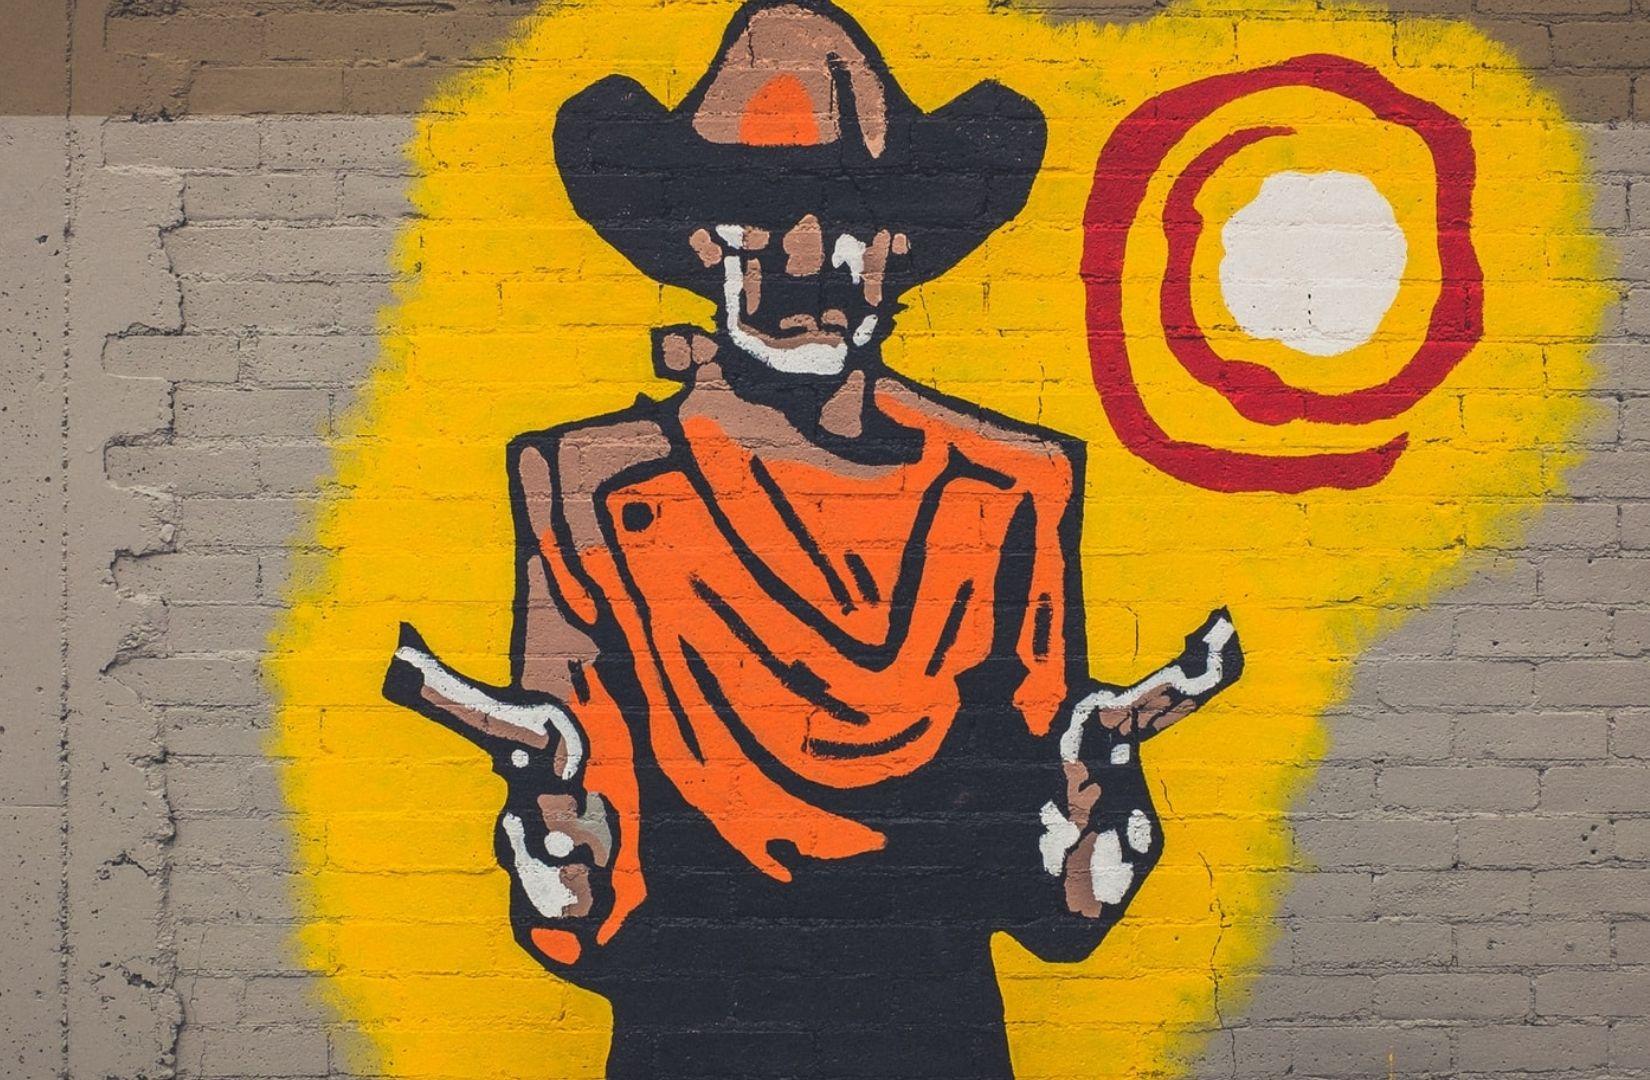 Die Diskussionen über Corona erinnern an eine Szene aus einem Spätwestern. (Symbolfoto: NeONBRAND, Unsplash.com)